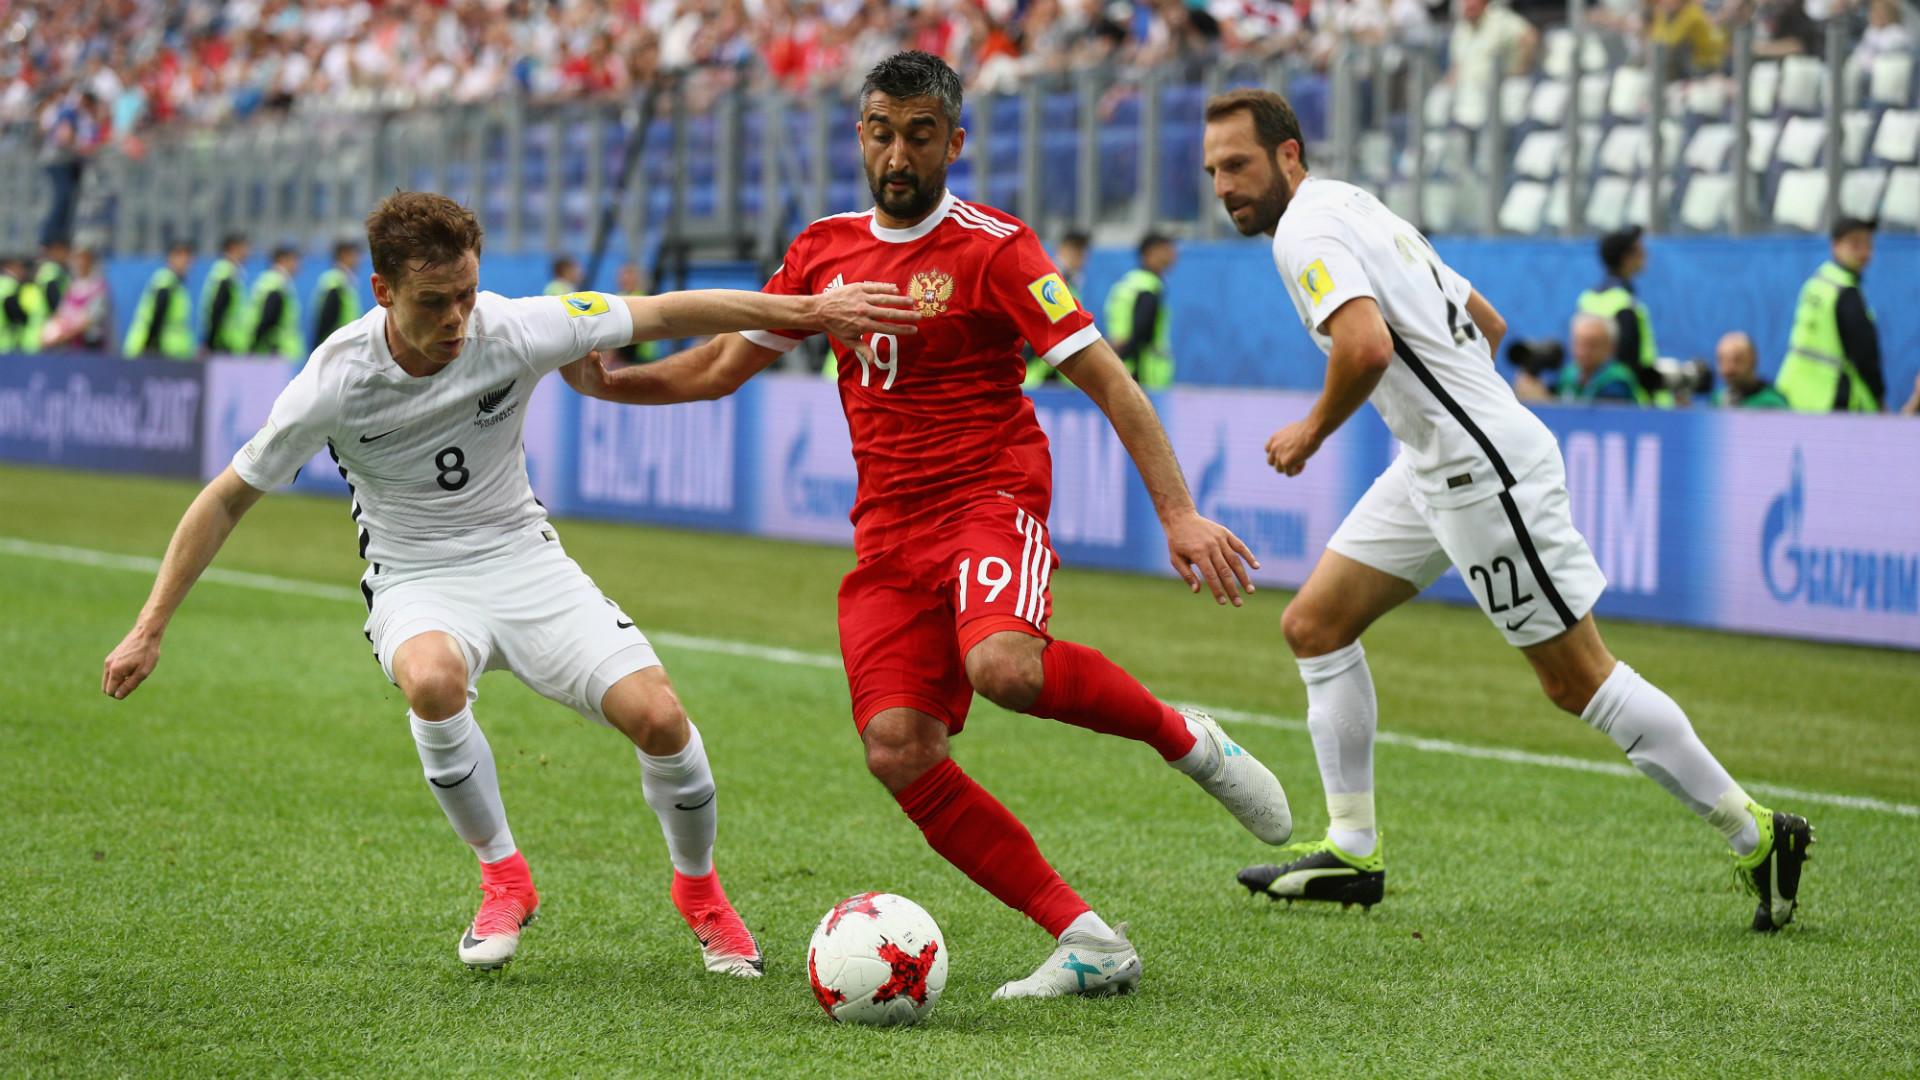 Il Messico raggiunge il Portogallo nel finale: è 2-2